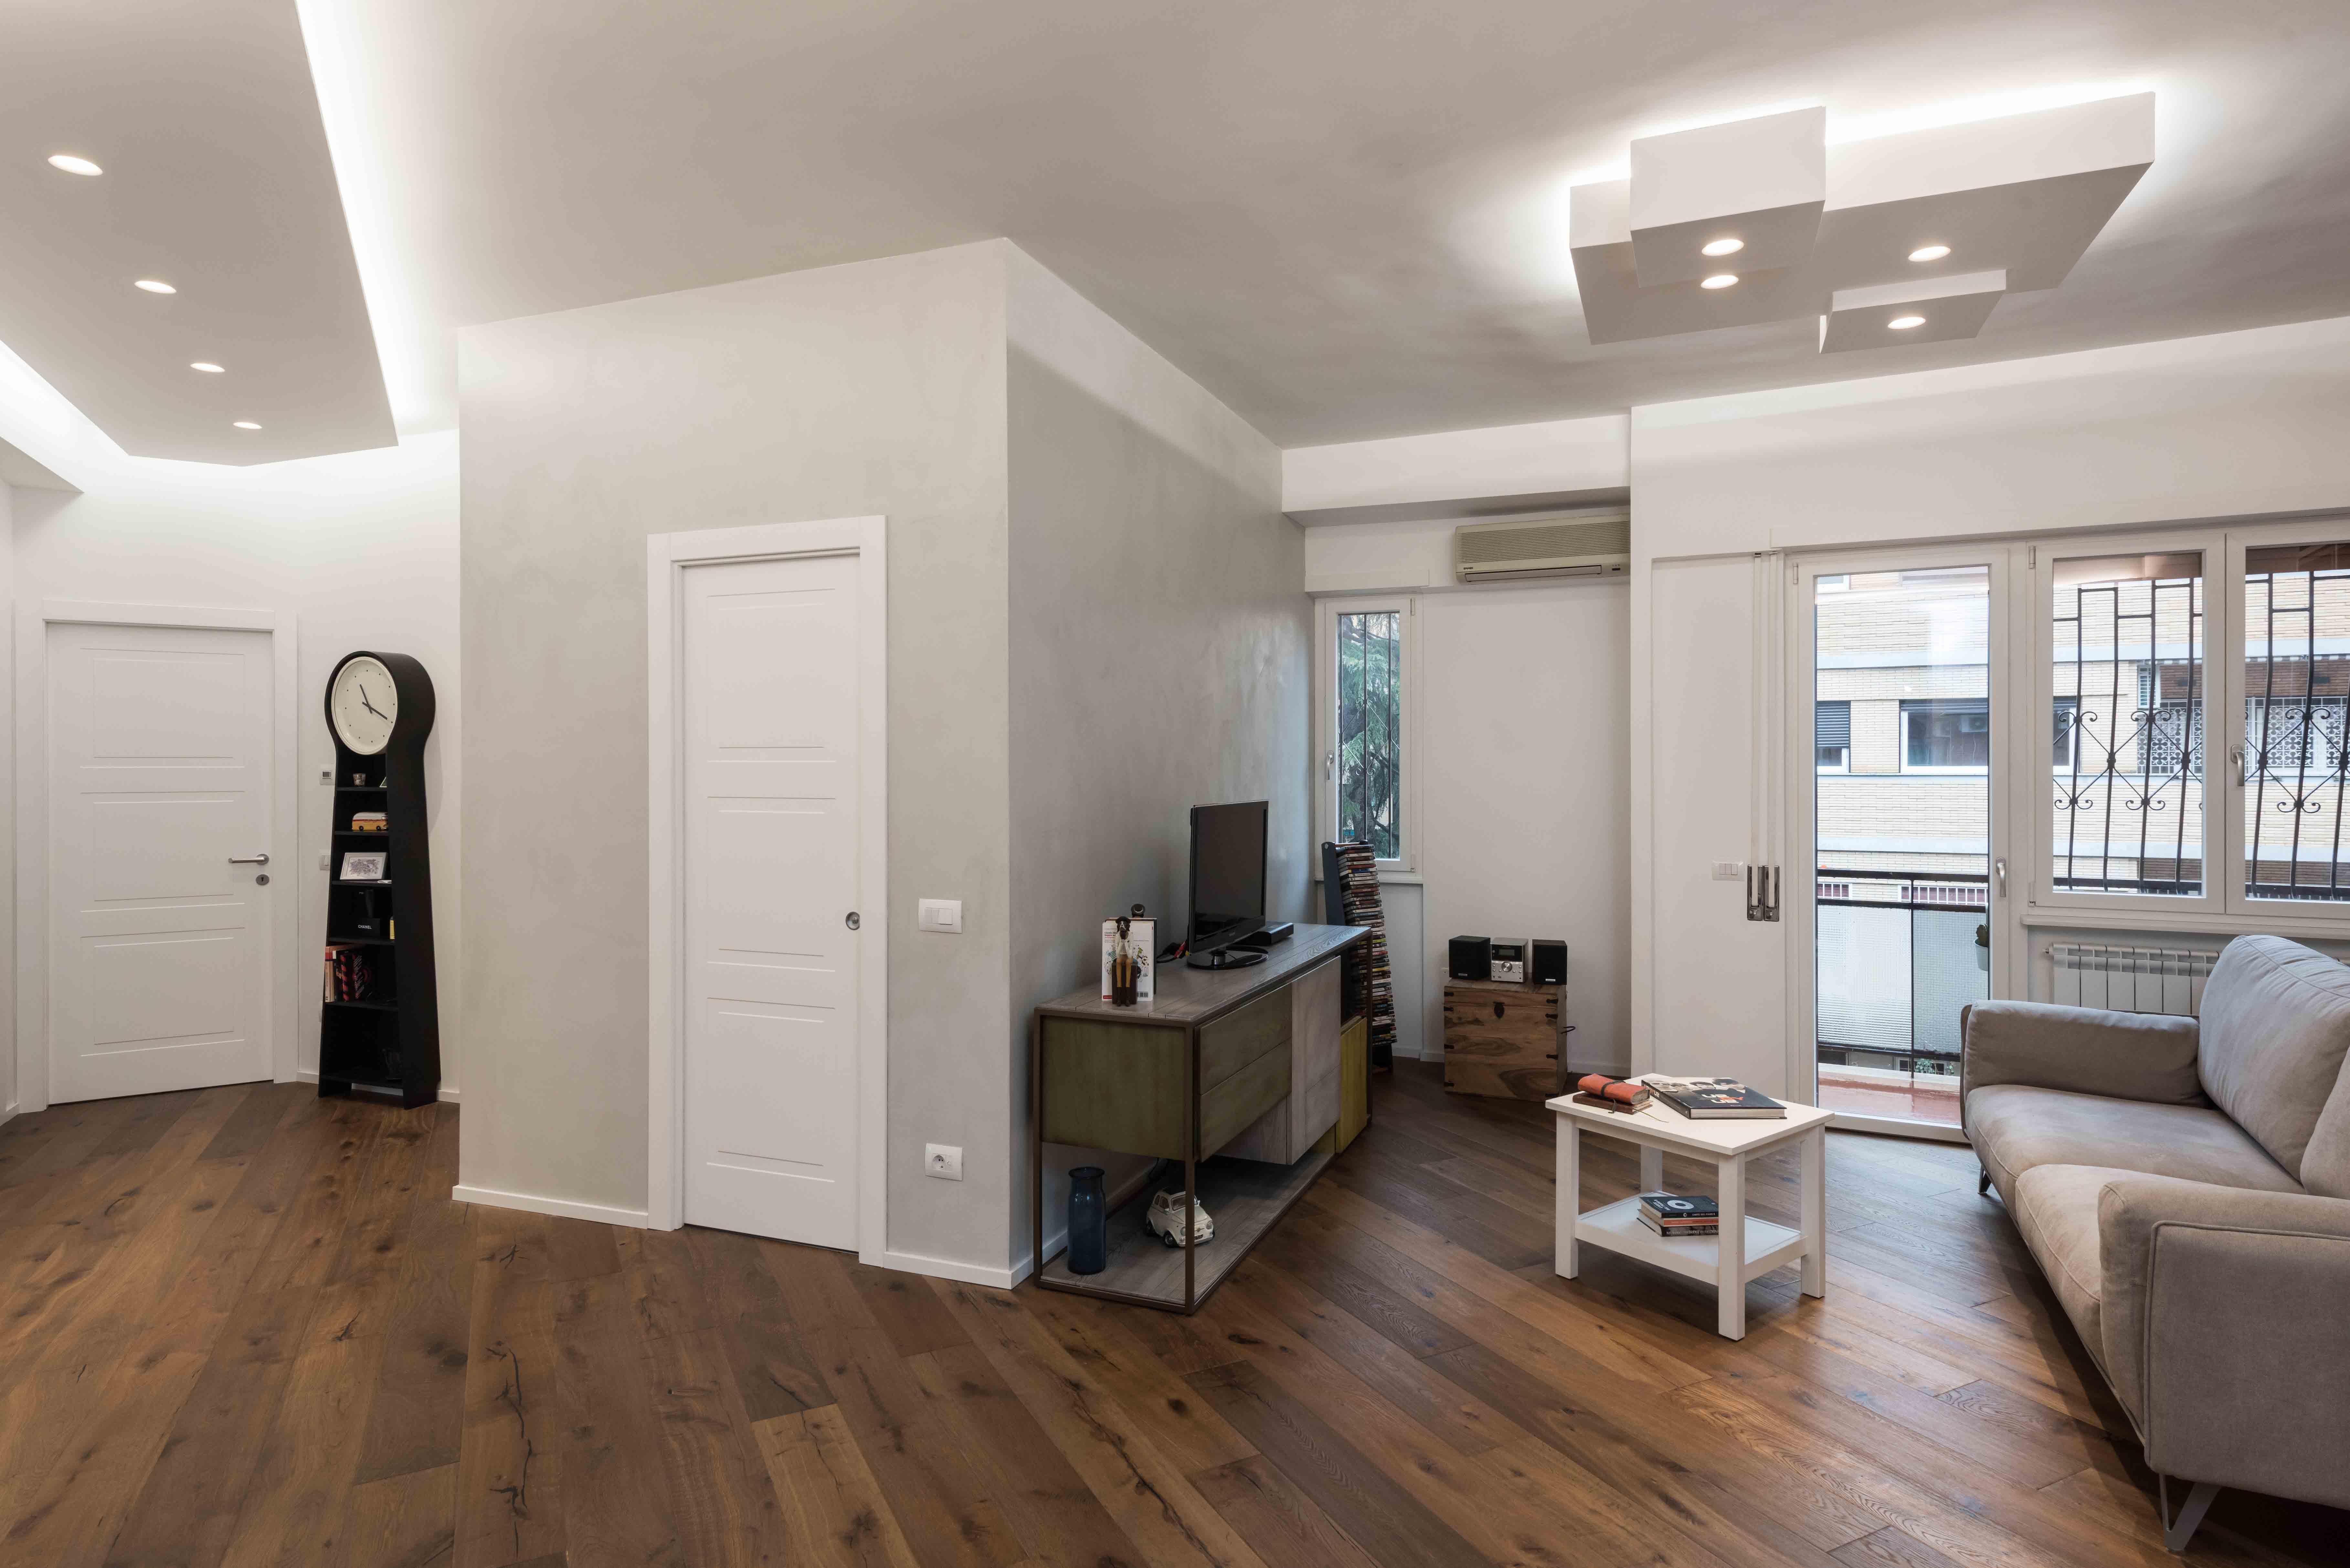 Ristrutturazione appartamento zona conca d oro roma for Ristrutturazione appartamento roma